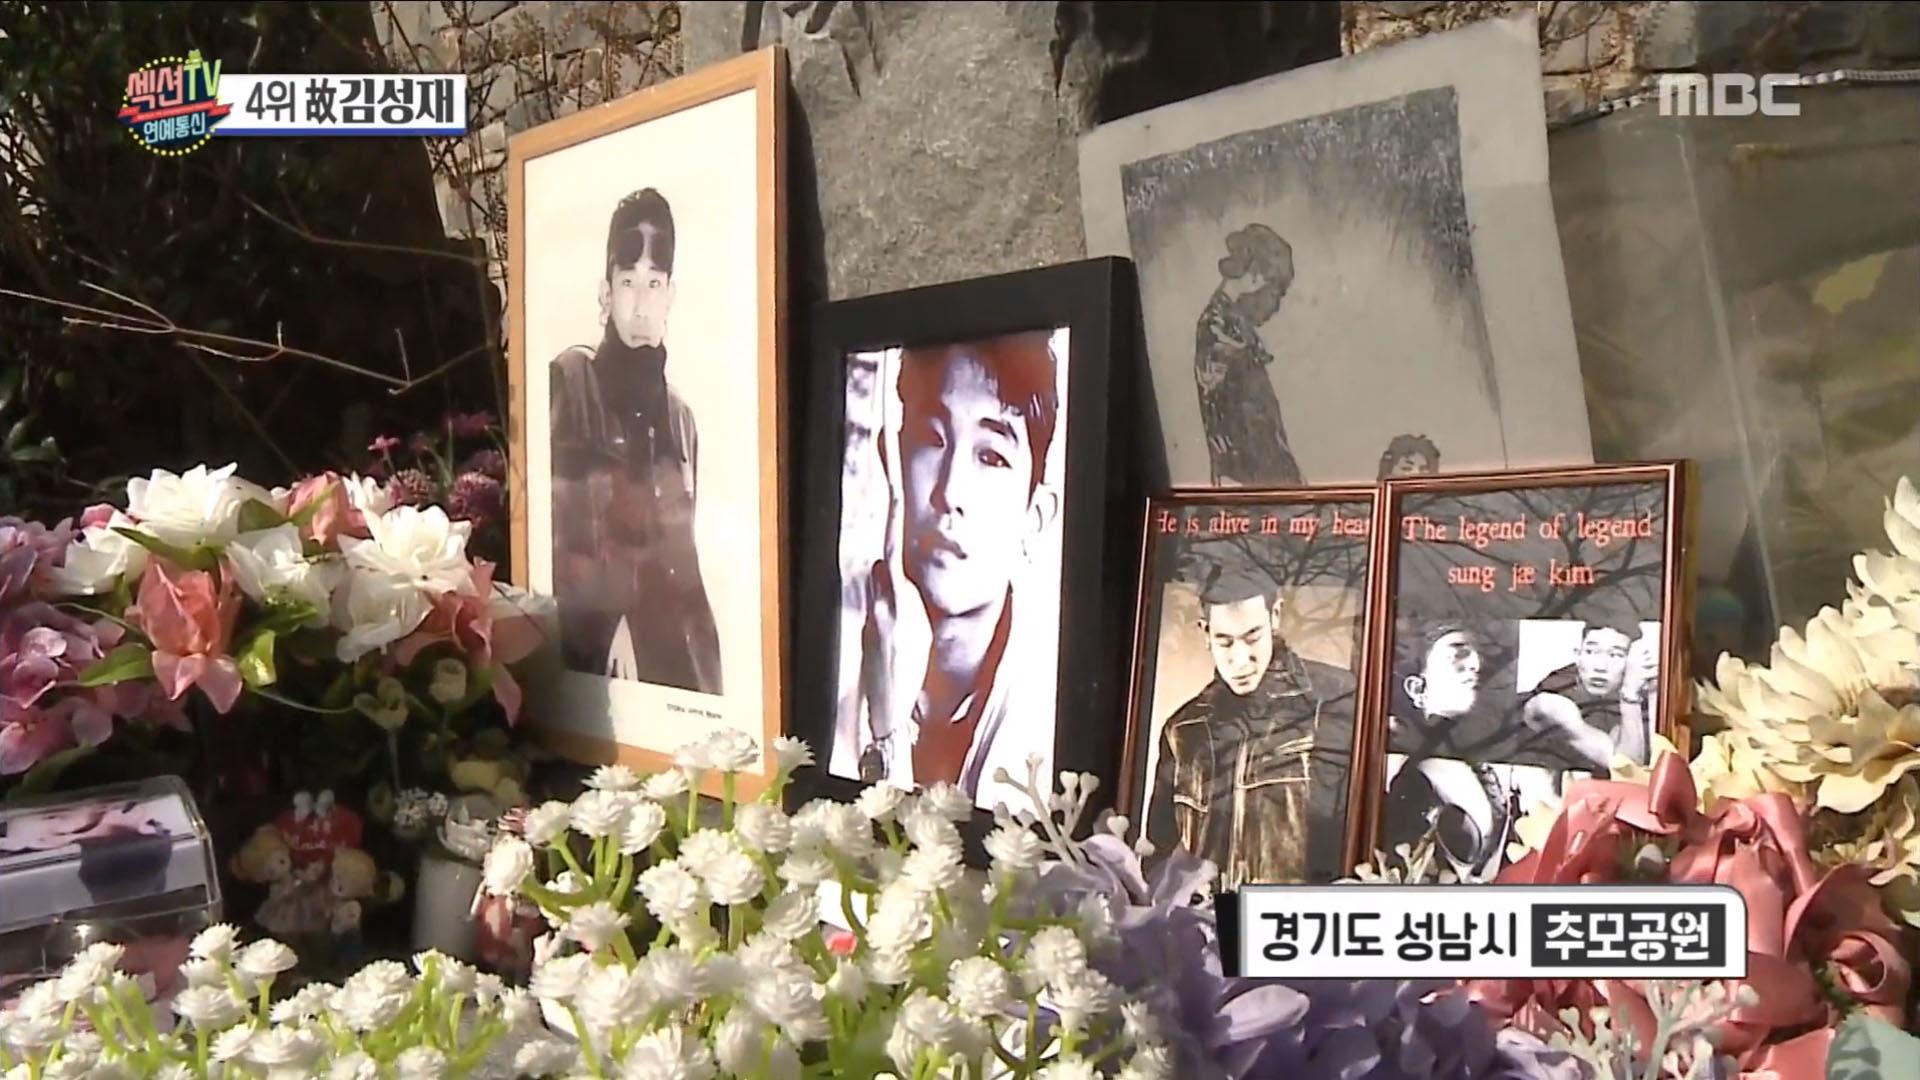 '섹션TV 연예통신' 인기 절정에서의 돌연사, 故김성재의 23주기 추모식